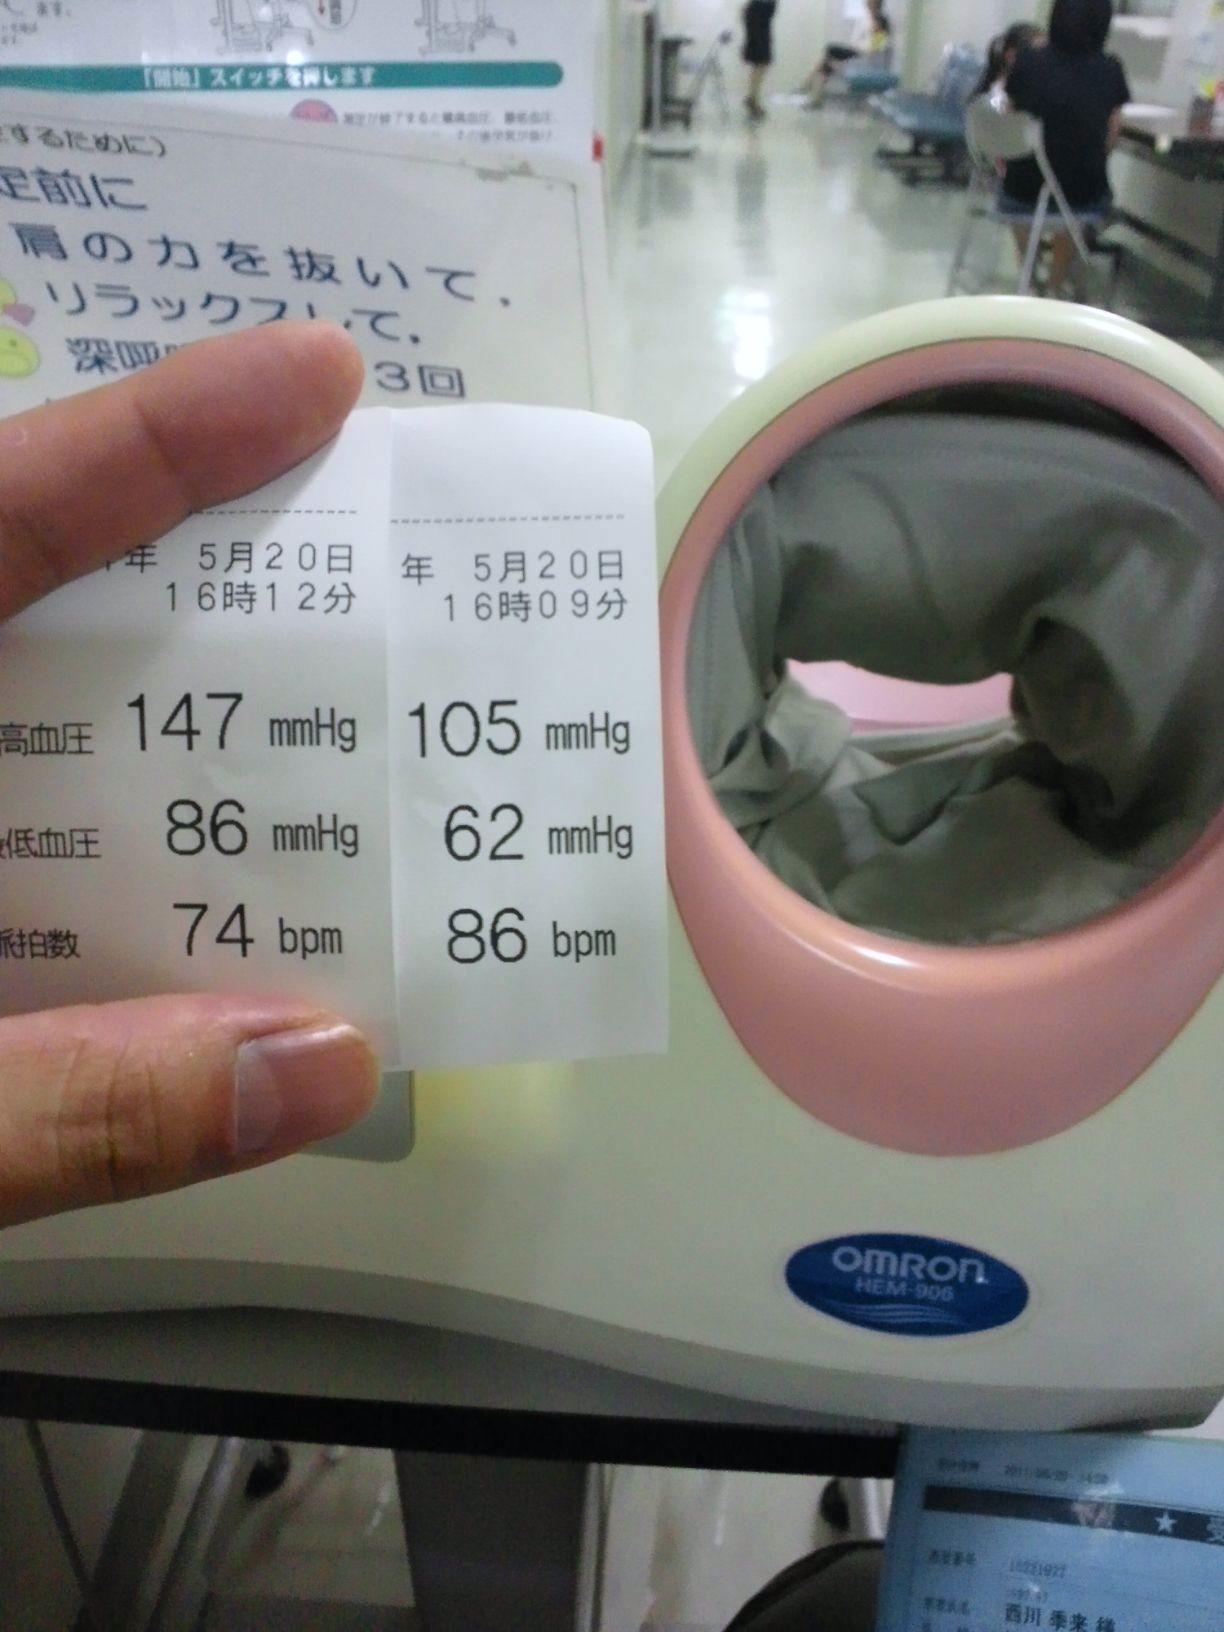 恒例の測定